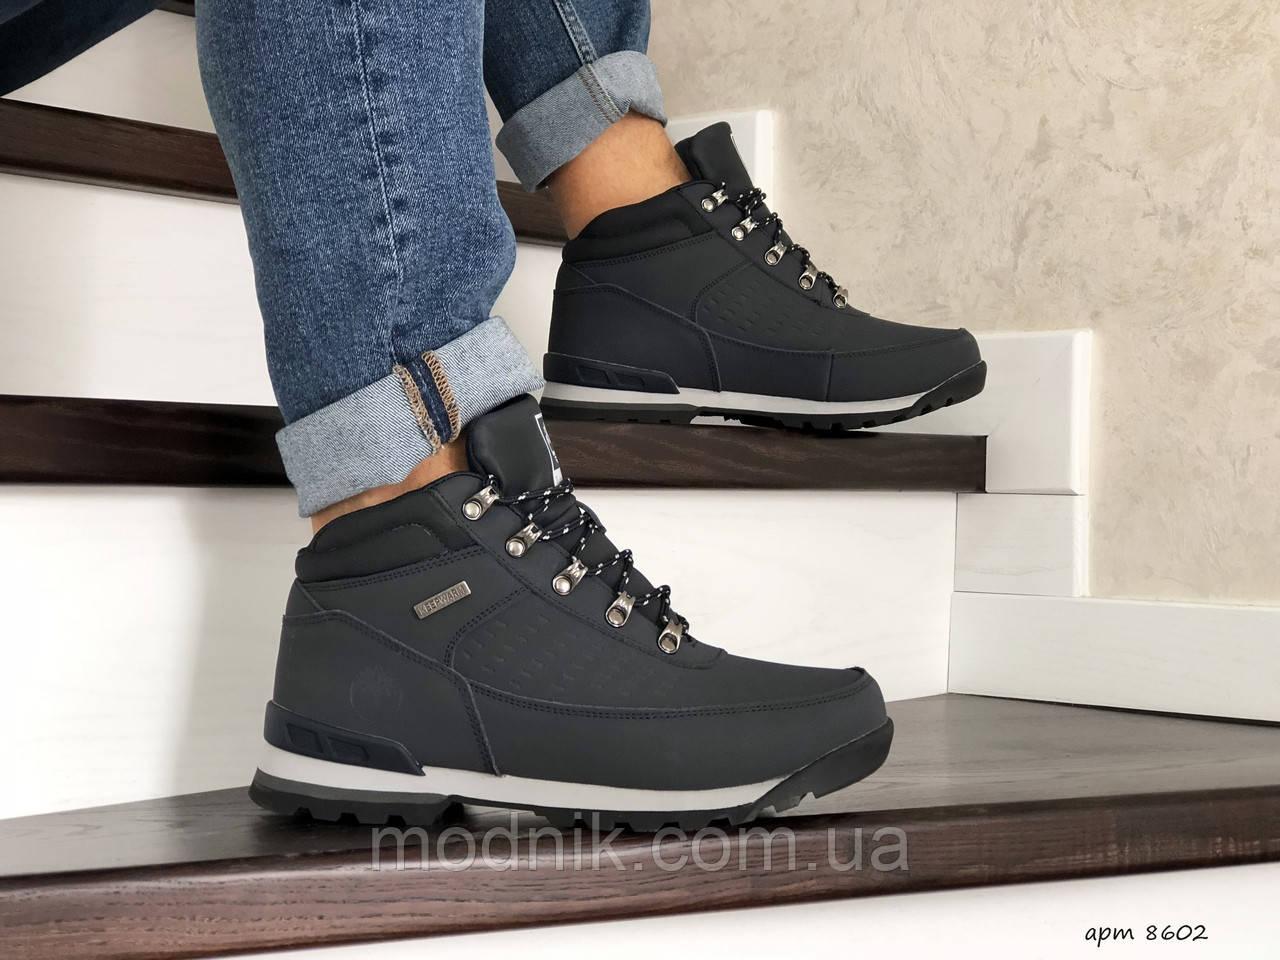 Мужские ботинки Timberland (темно-синие) ЗИМА